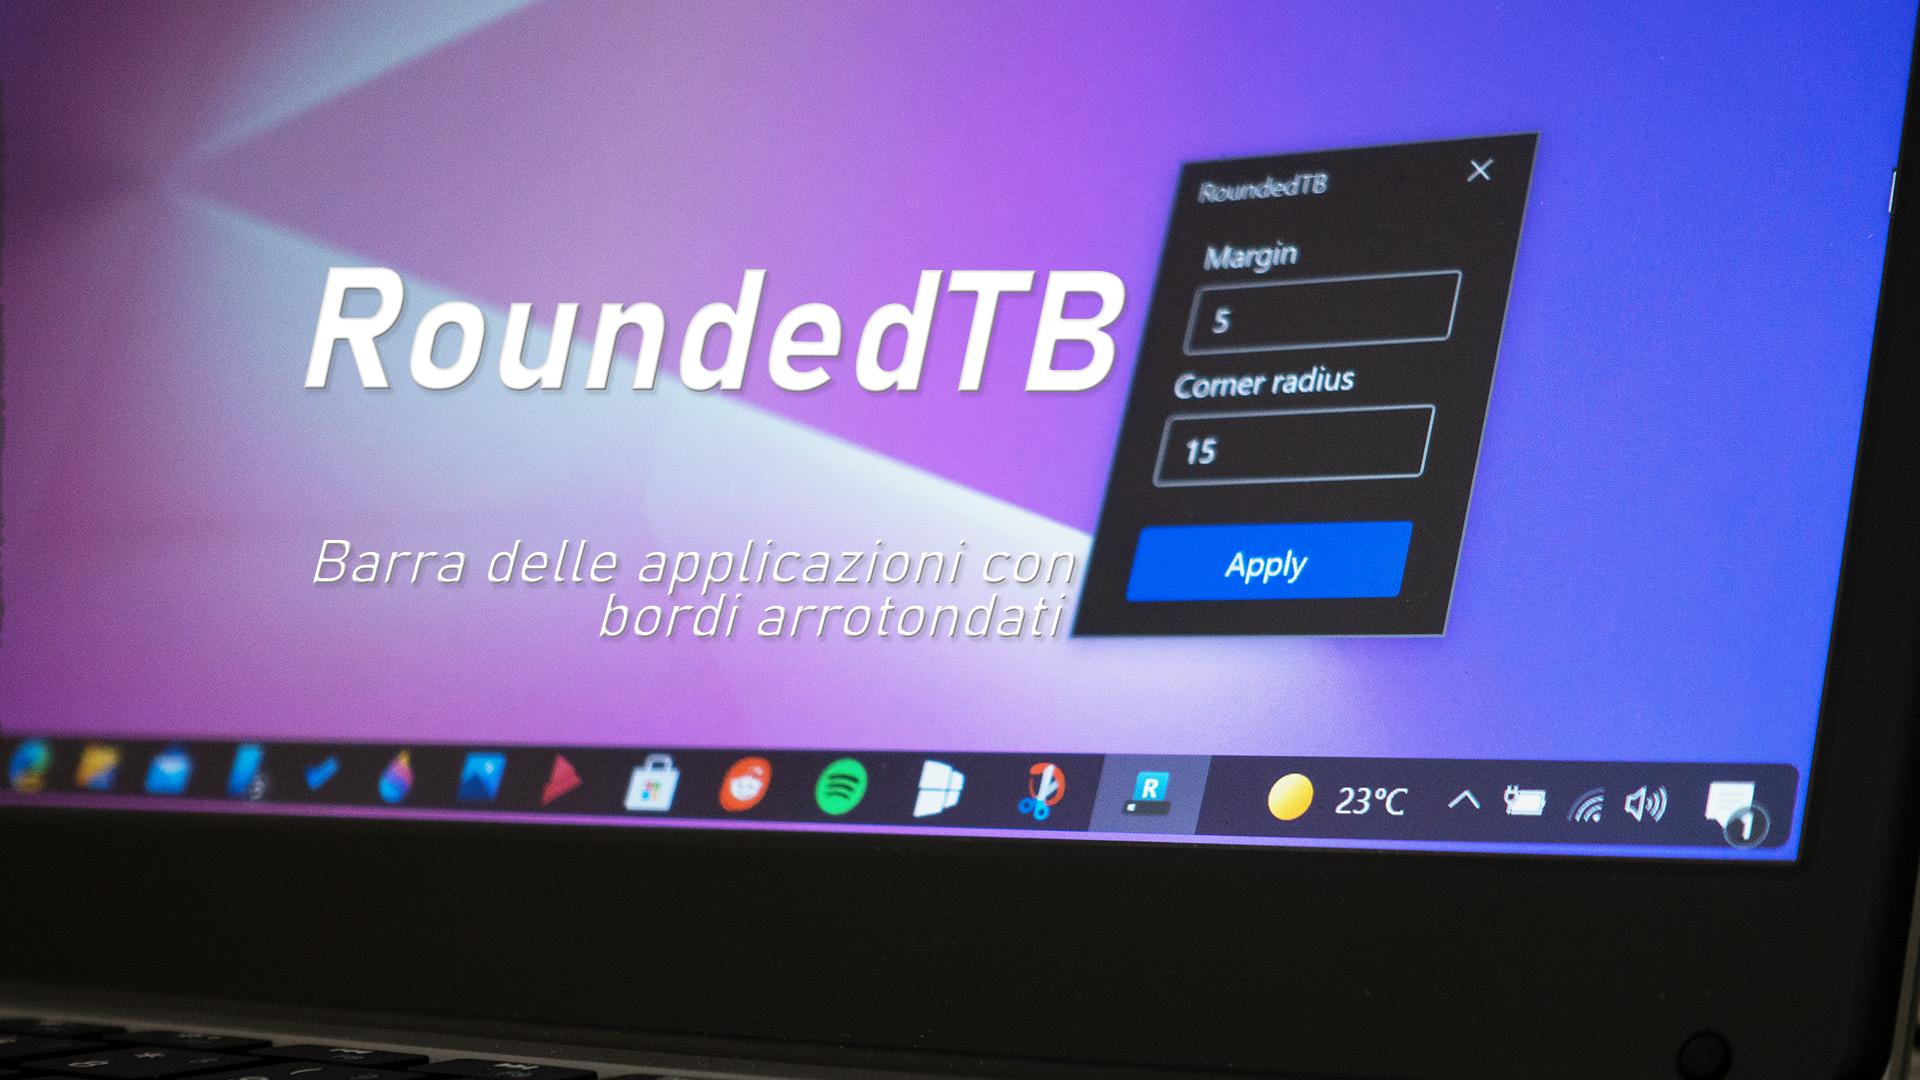 RoundedTB - Come avere la barra delle applicazioni di Windows con i bordi arrotondati